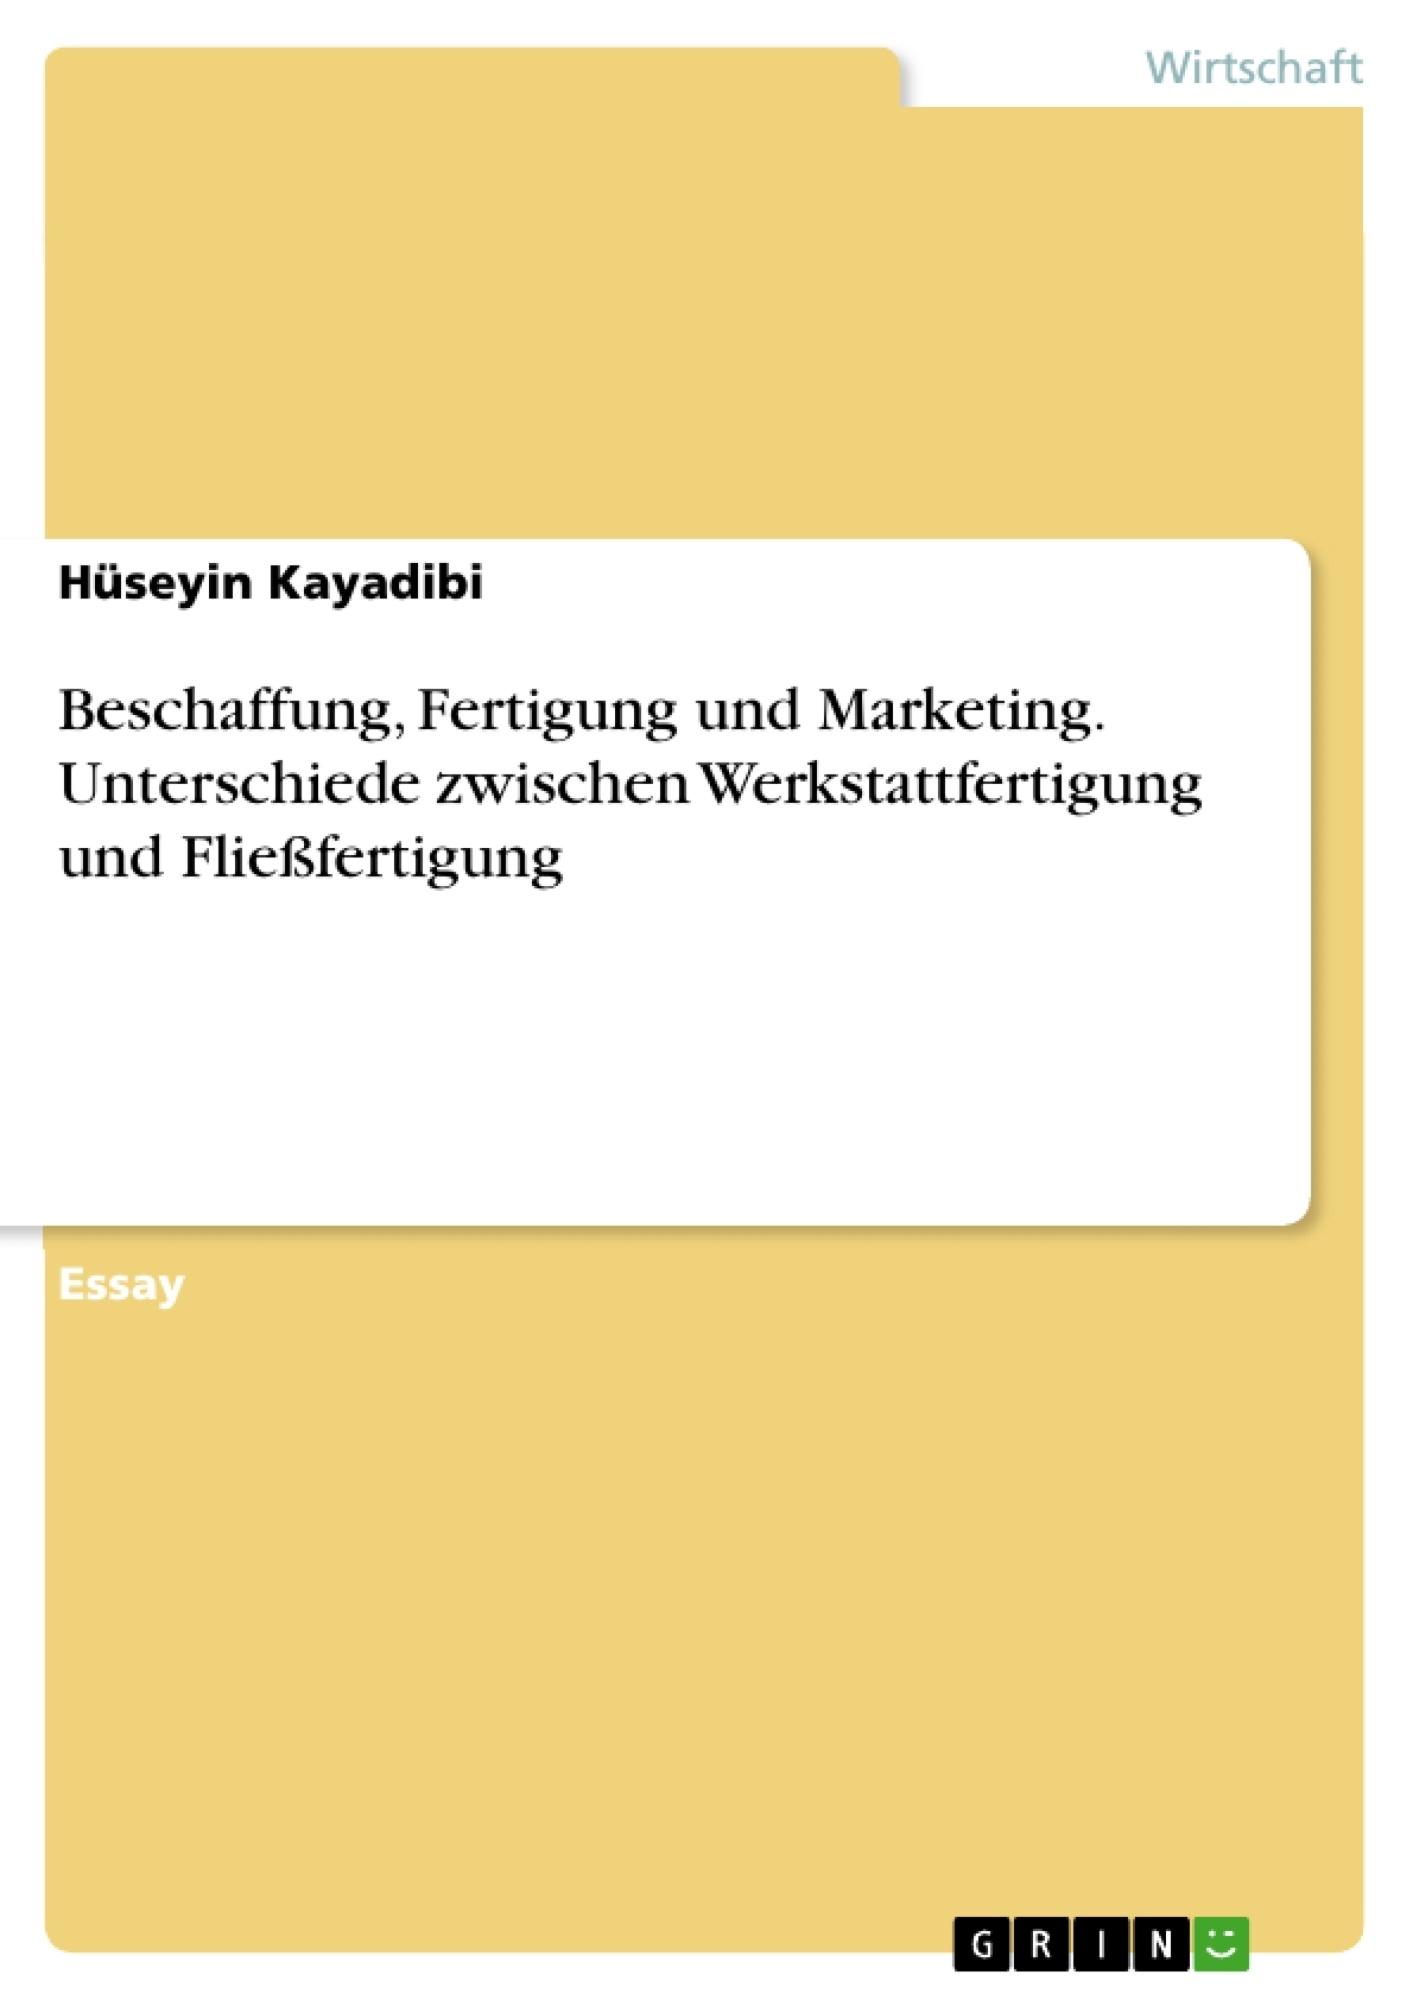 Titel: Beschaffung, Fertigung und Marketing. Unterschiede zwischen Werkstattfertigung und Fließfertigung